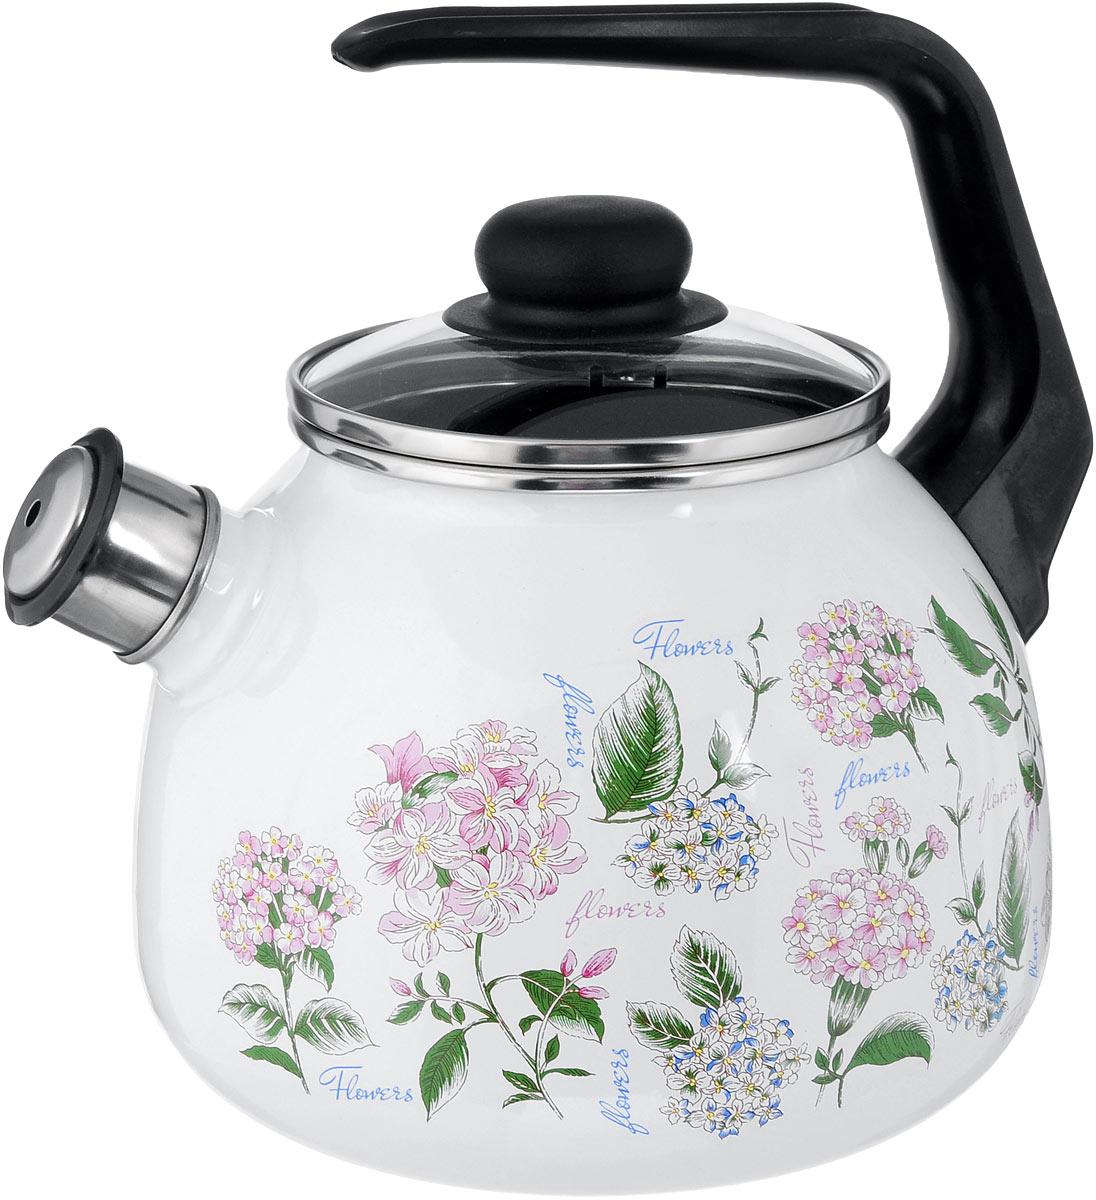 Чайник эмалированный Vitross Buket, со свистком, 2 л1RA12Чайник эмалированный Vitross Buket изготовлен из высококачественного стального проката со стеклокерамическим эмалевым покрытием. Корпус оформлен изящным цветочным рисунком. Стеклокерамика инертна и устойчива к пищевым кислотам, не вступает во взаимодействие с продуктами и не искажает их вкусовые качества. Прочный стальной корпус обеспечивает эффективную тепловую обработку пищевых продуктов и не деформируется в процессе эксплуатации. Чайник оснащен удобной пластиковой ручкой черного цвета. Крышка чайника выполнена из стекла. Носик чайника с насадкой-свистком позволит вам контролировать процесс подогрева или кипячения воды. Чайник пригоден для использования на всех видах плит, включая индукционные. Можно мыть в посудомоечной машине. Диаметр (по верхнему краю): 12,5 см. Высота чайника (с учетом ручки): 21 см. Высота чайника (без учета ручки и крышки): 12,5 см.